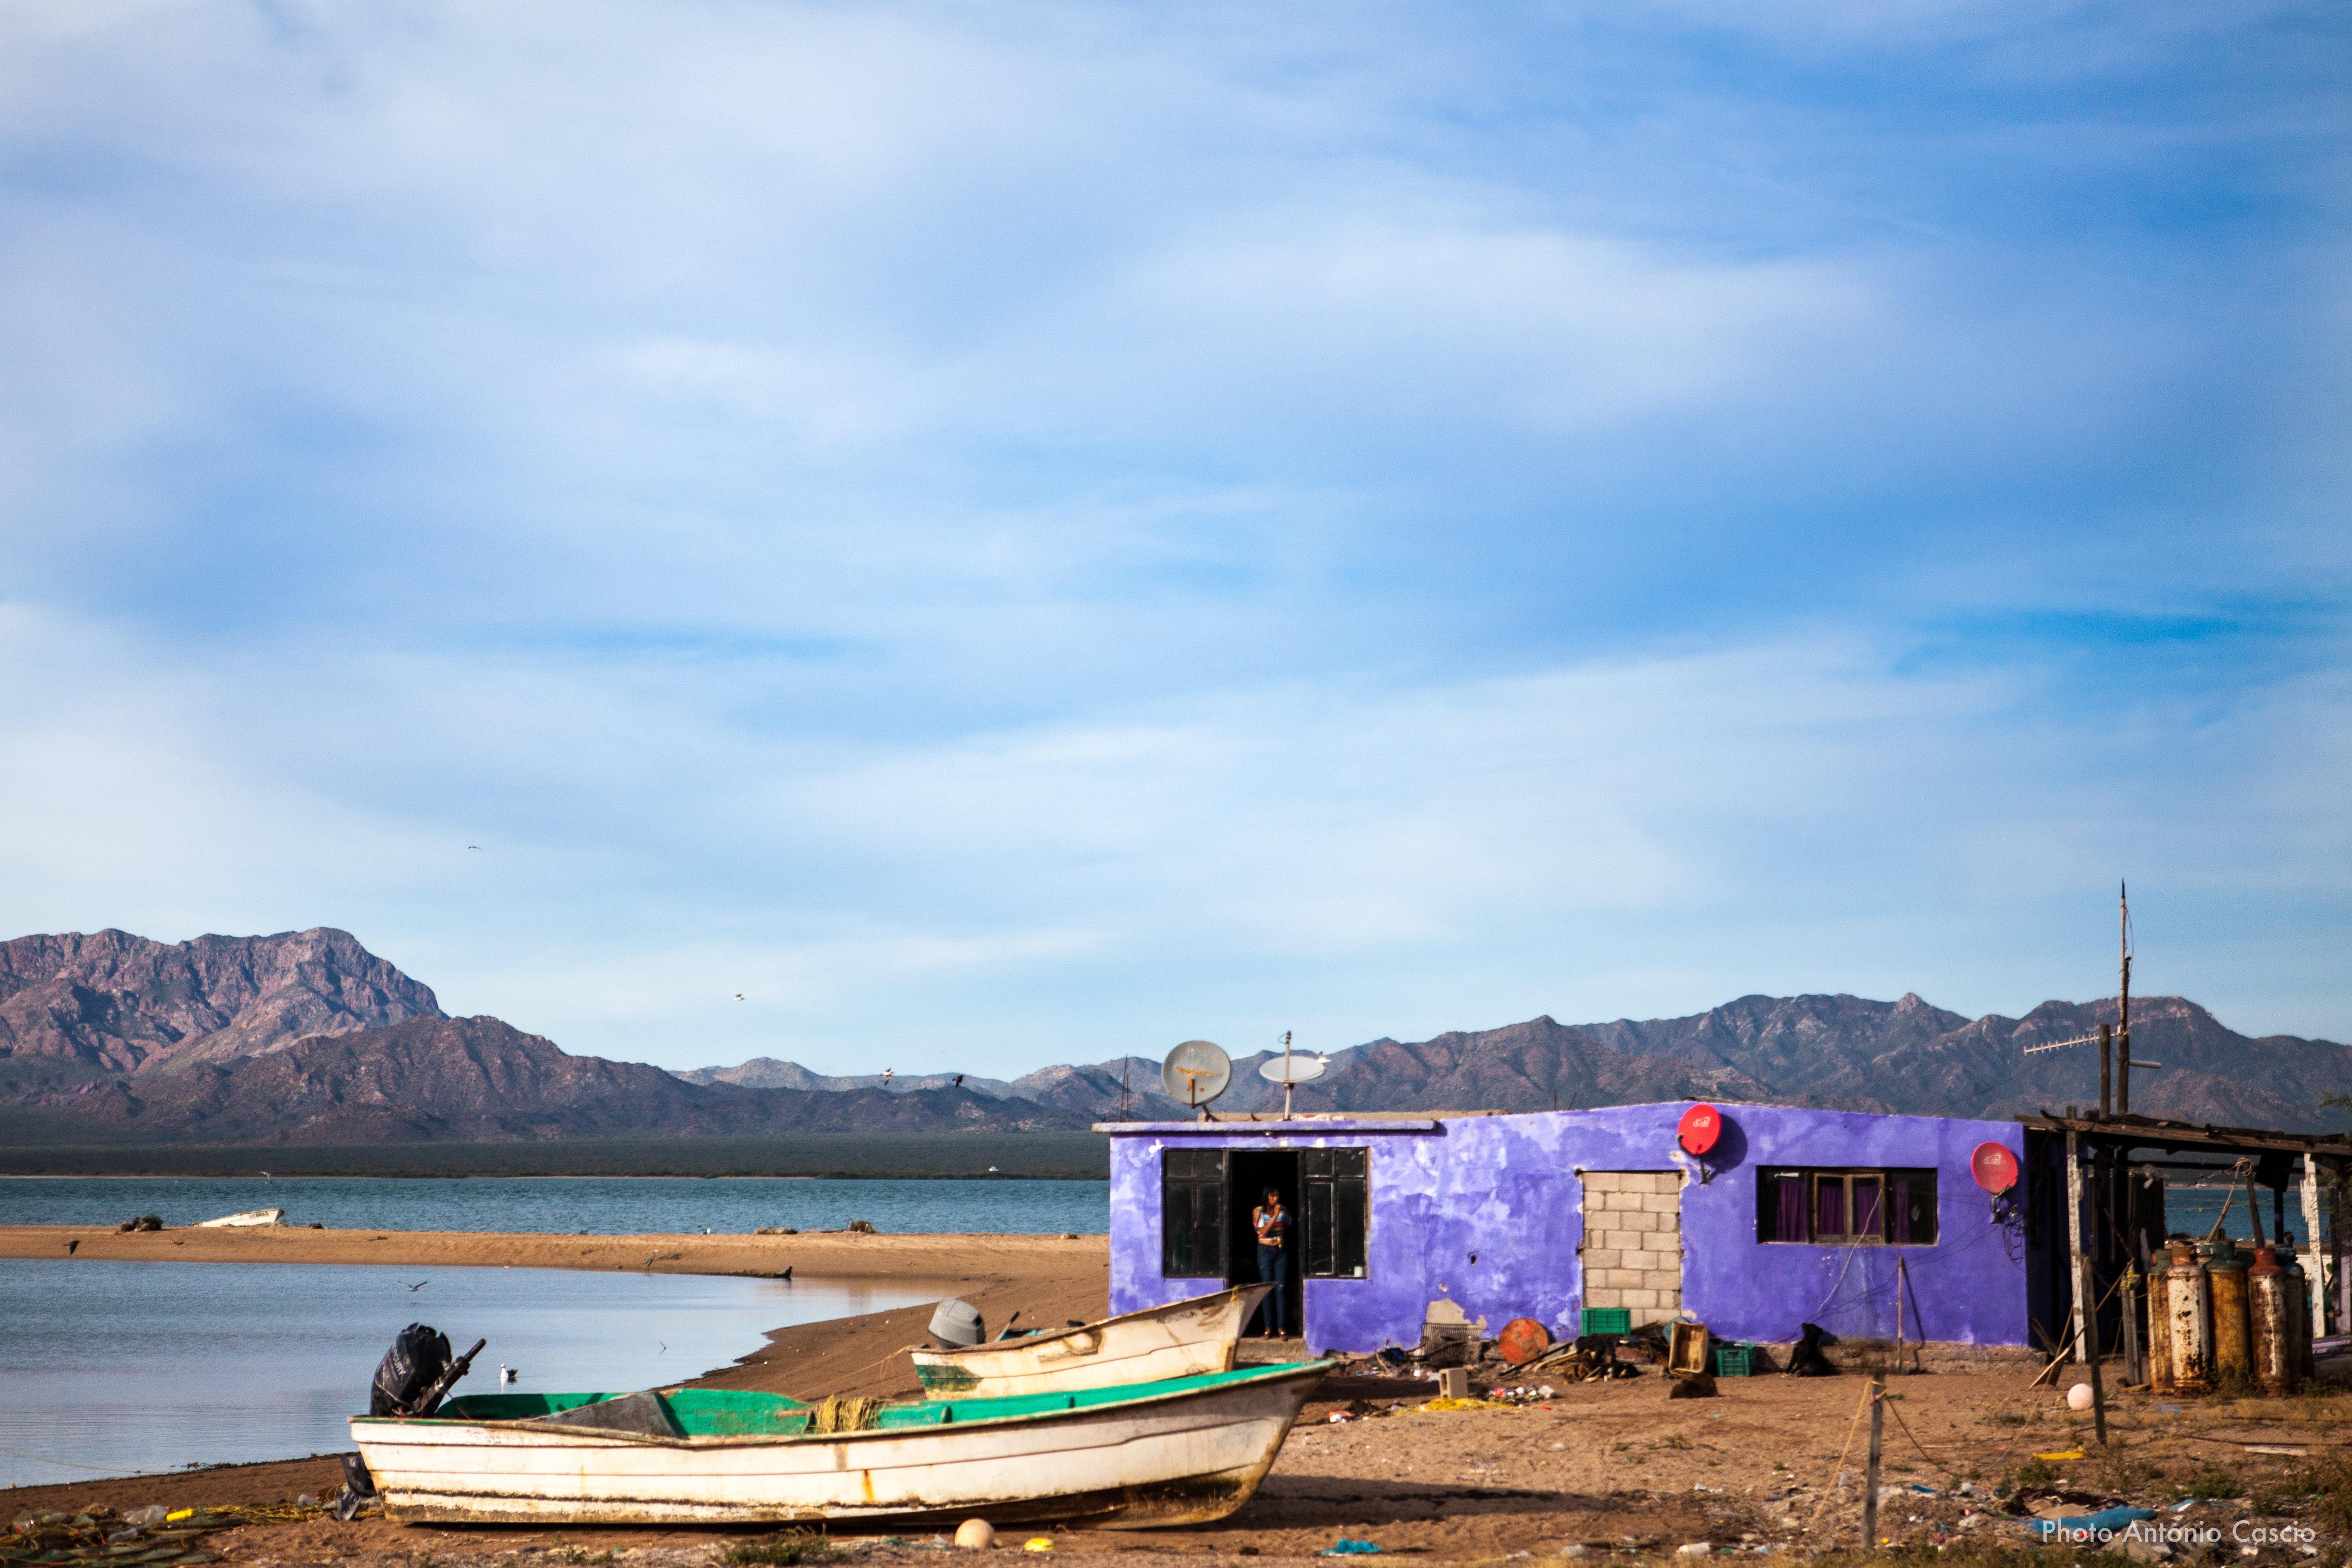 Casa indigena nella comunità Coomcac alle estremità dell'isola Tiburon. Punta Chueca, Sonora, Mexico. 11/12/19